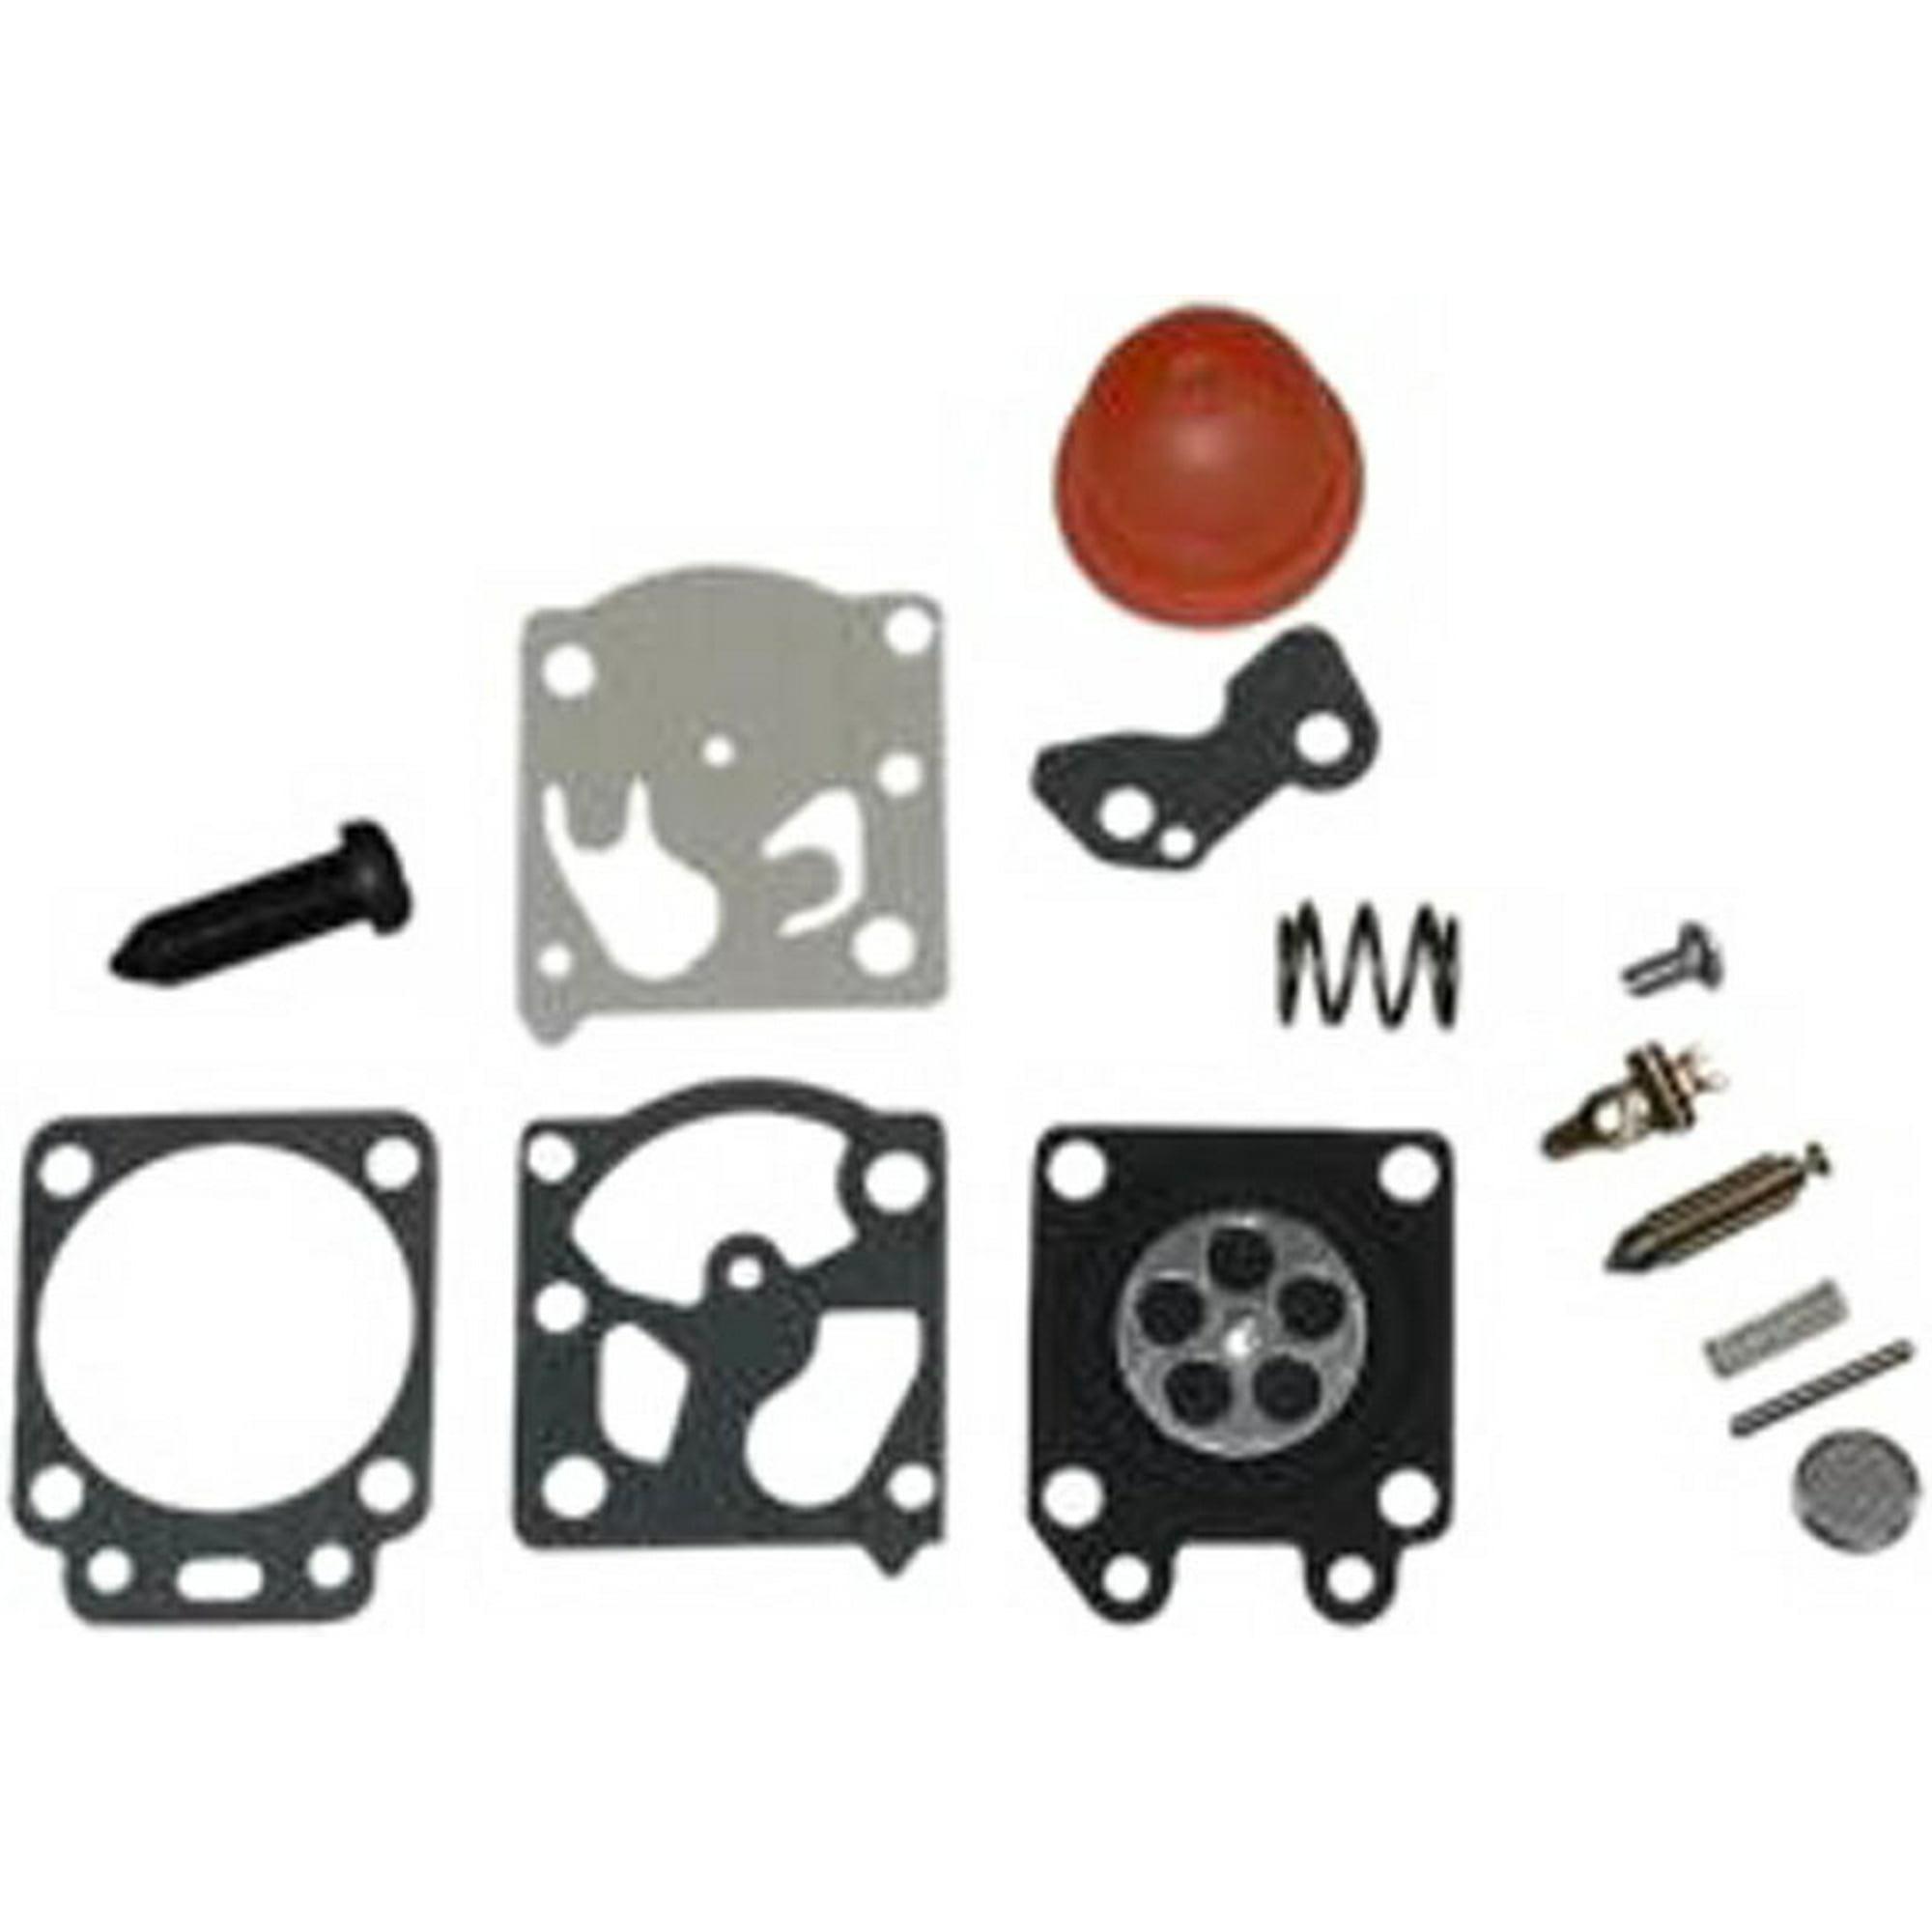 Weed Eater Poulan Craftsman Carburetor Repair Gasket Kit # 530069842